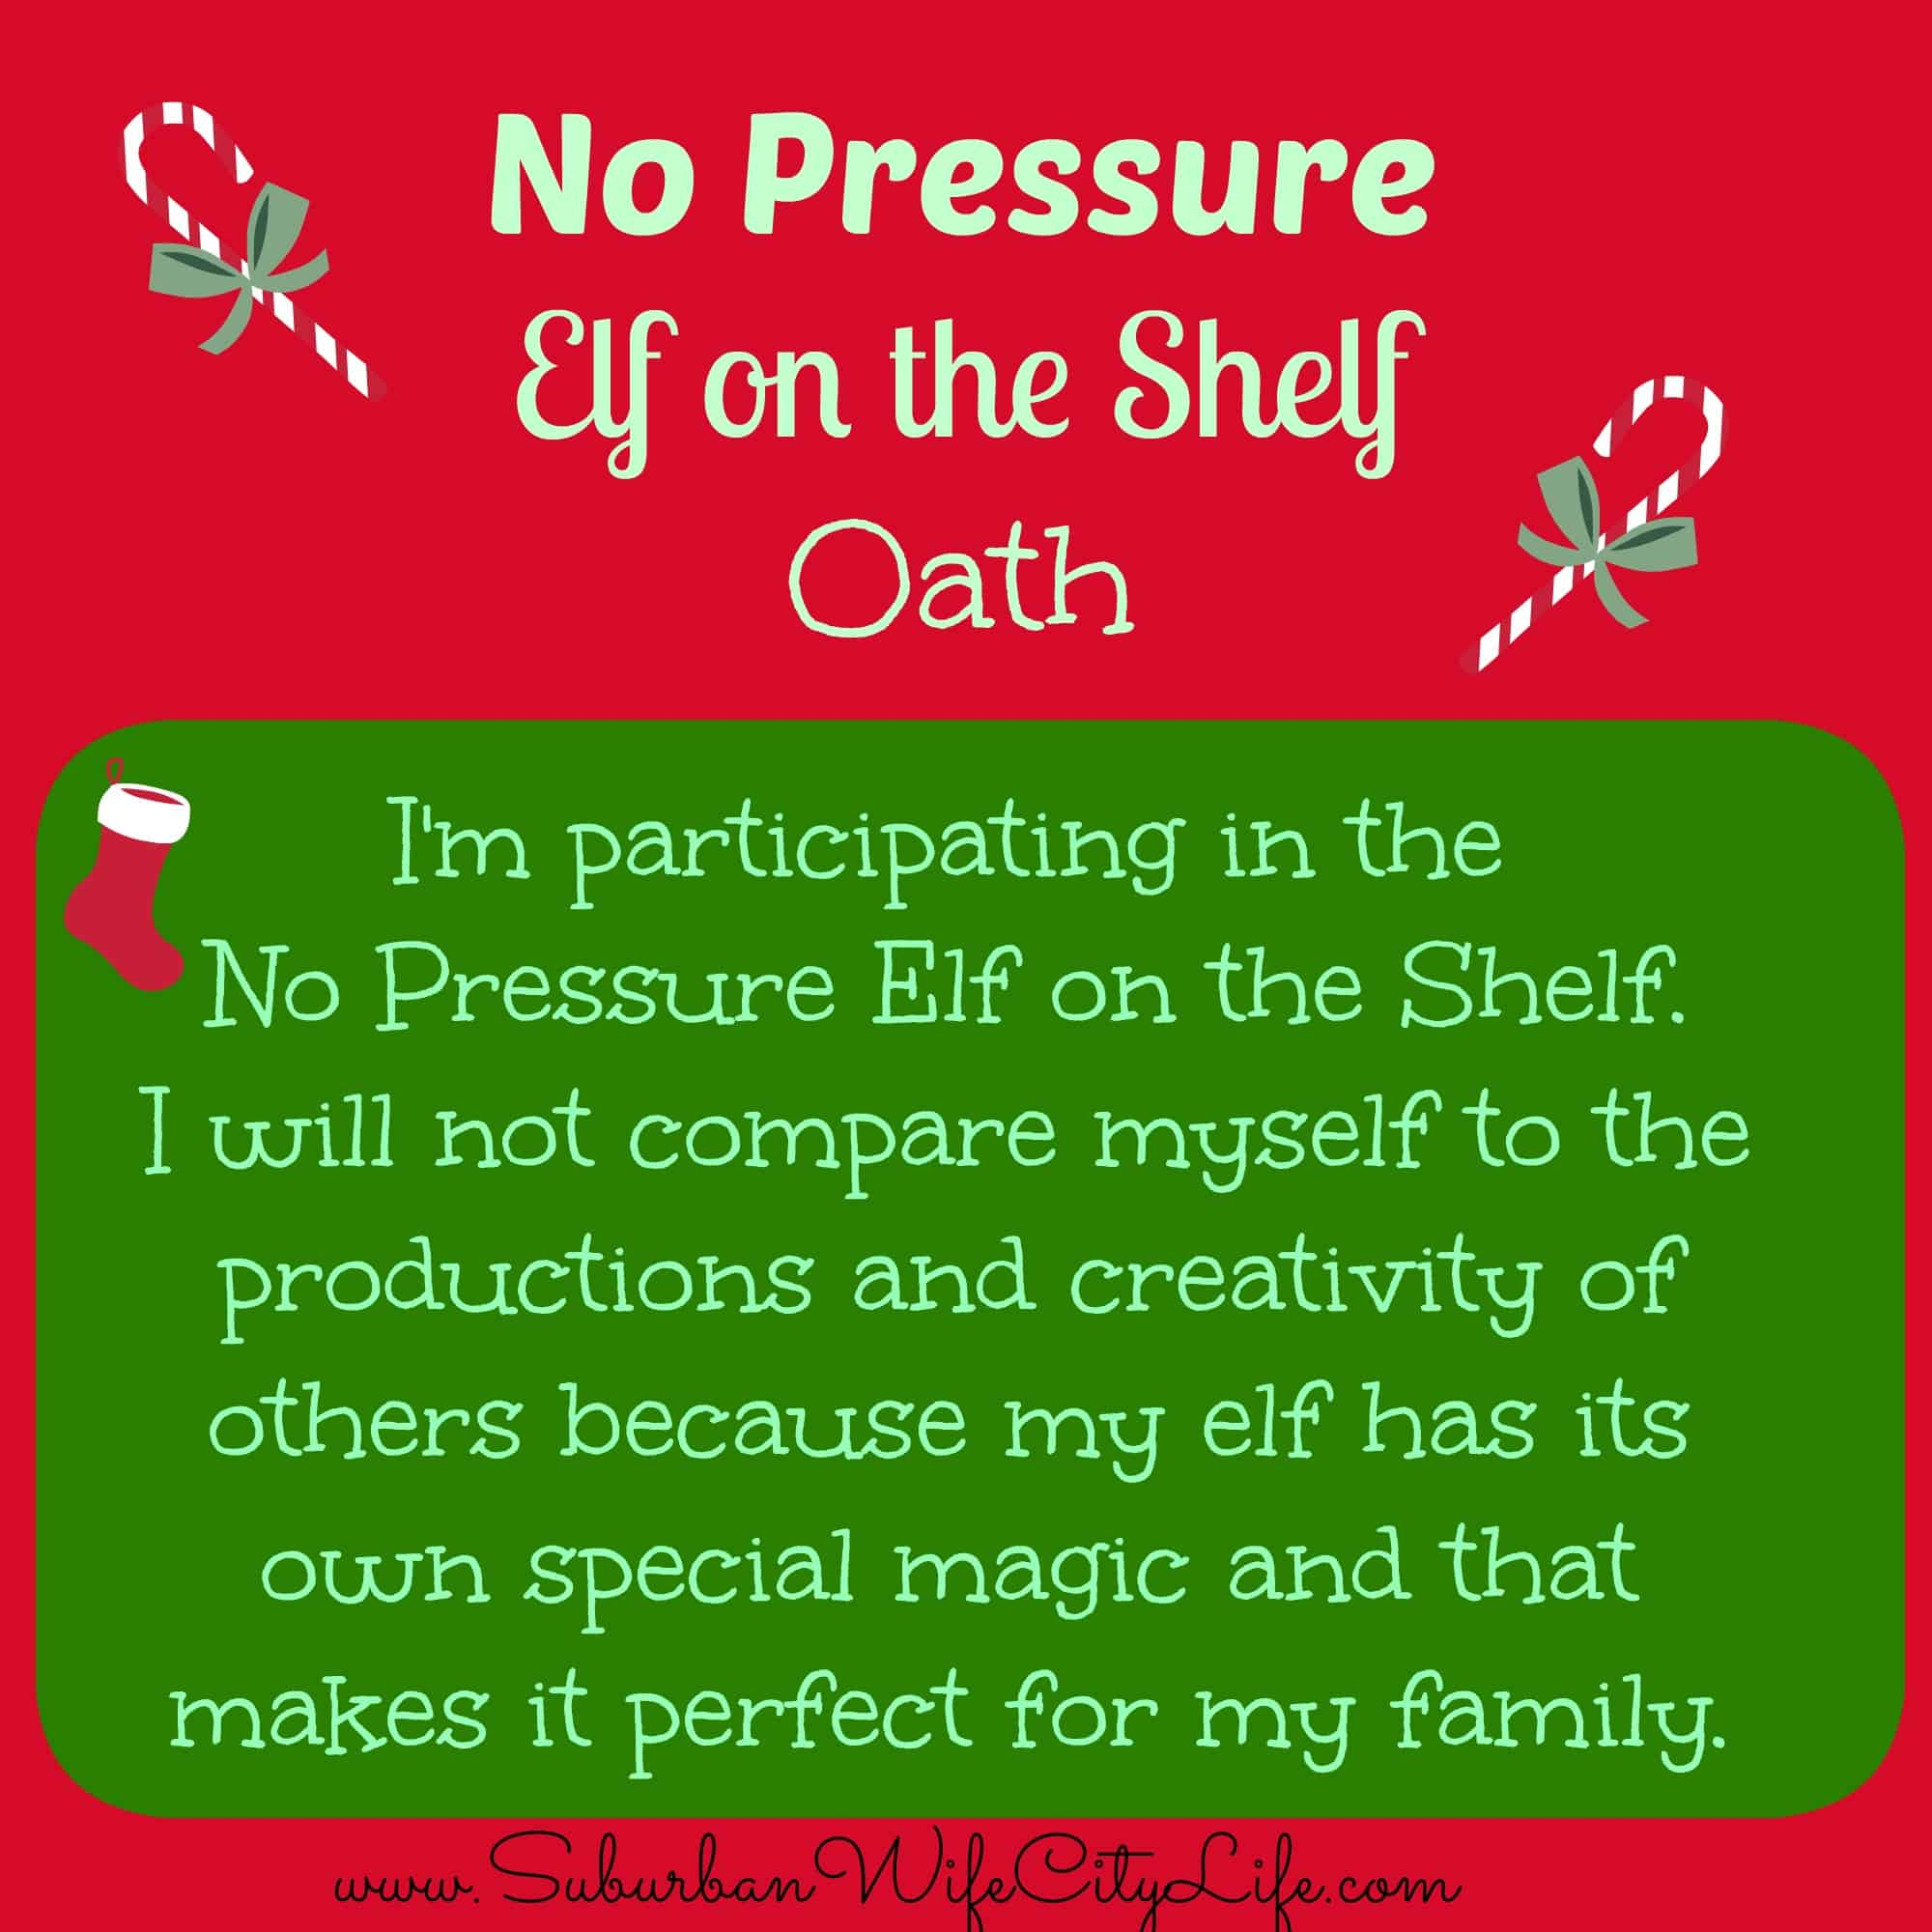 No Pressure Elf on the Shelf Oath